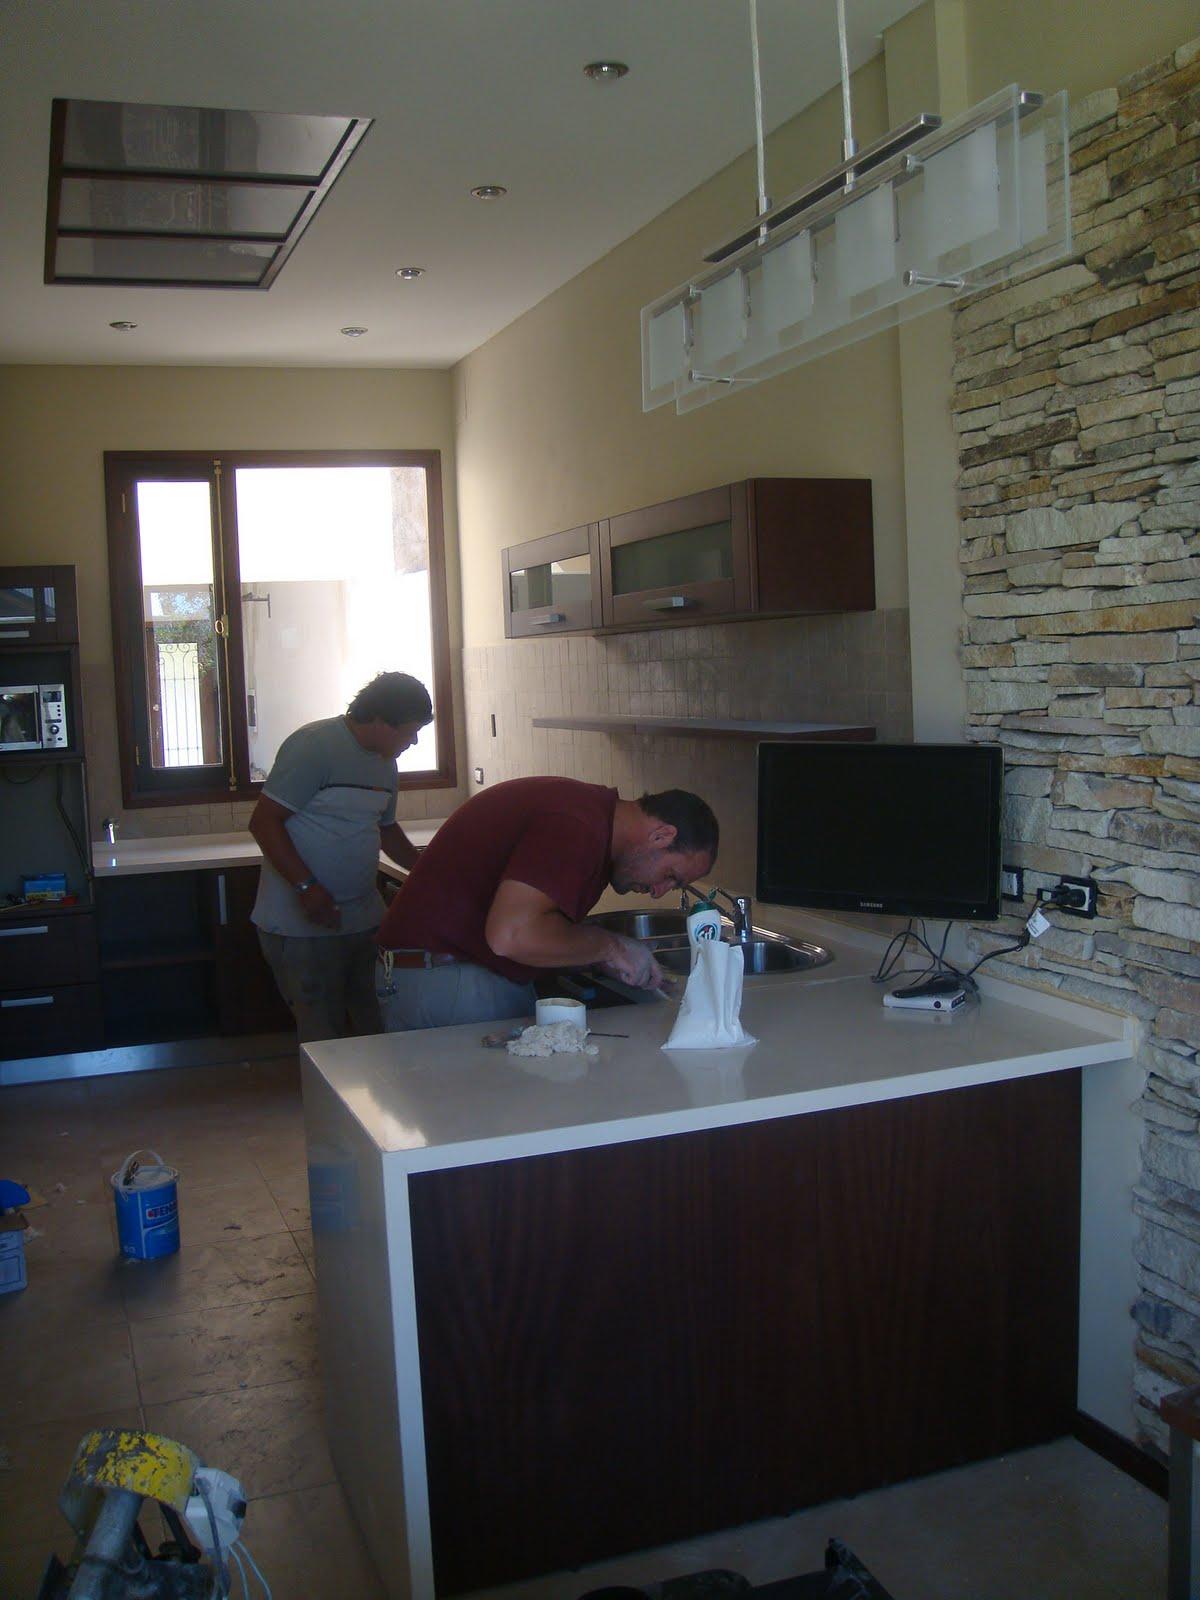 Arquitectura dise o cocina comedor espacio integrado - Cocina comedor integrados ...